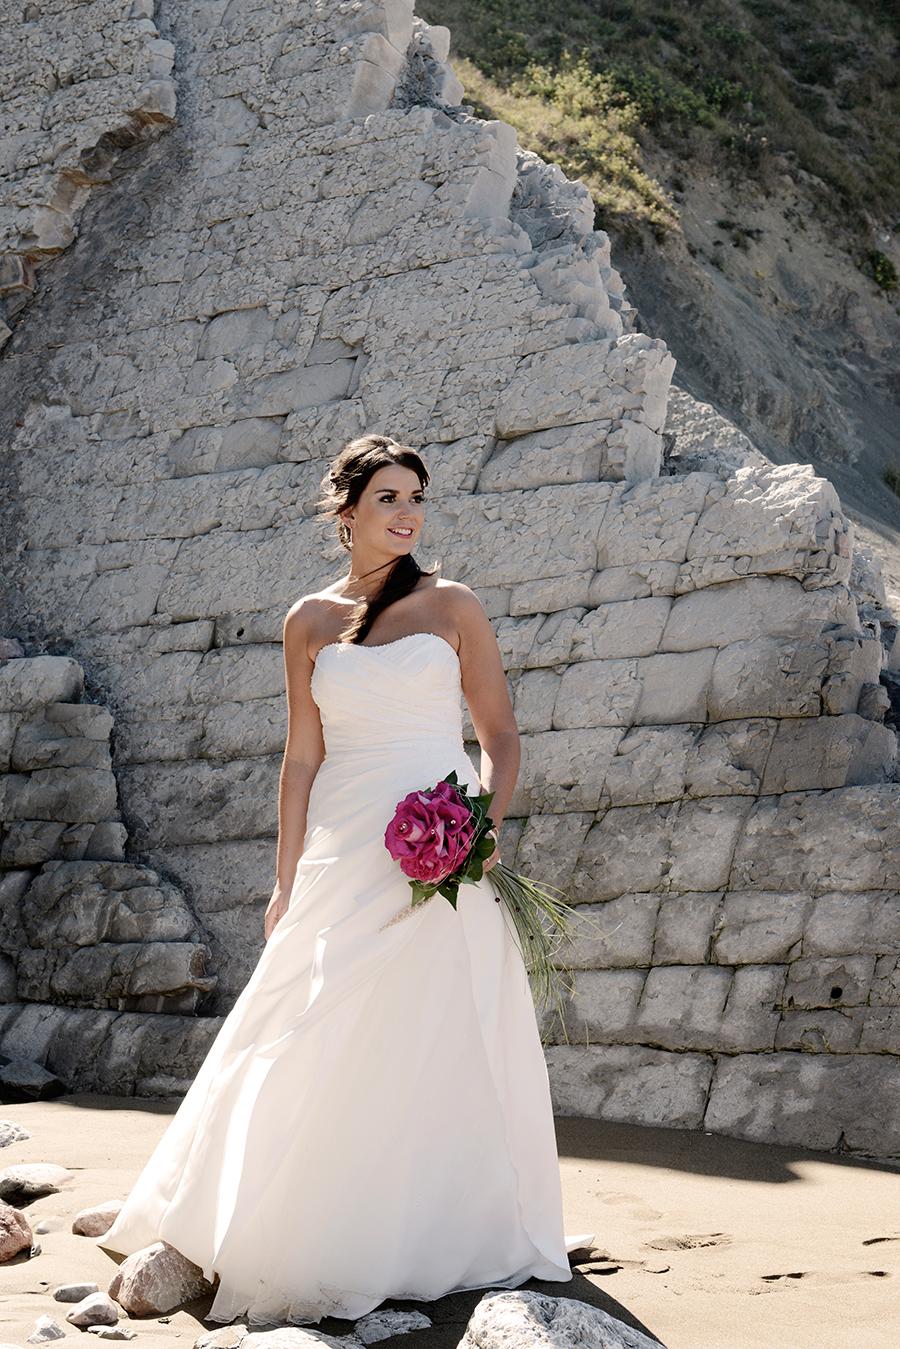 Fotografía de boda en Zumaia (Gipuzkoa)